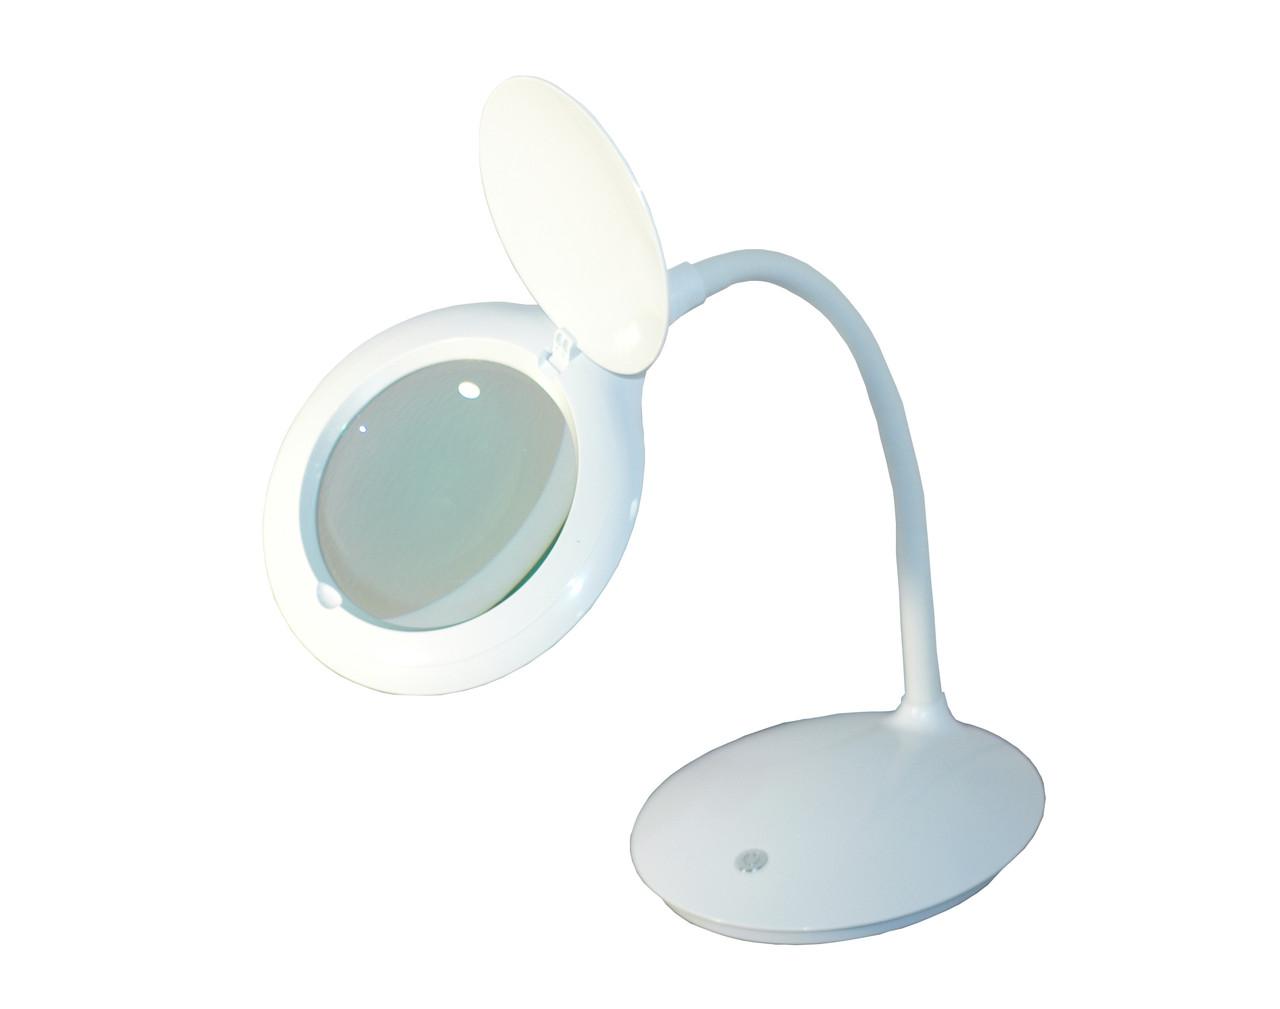 Desktop Magnifiers